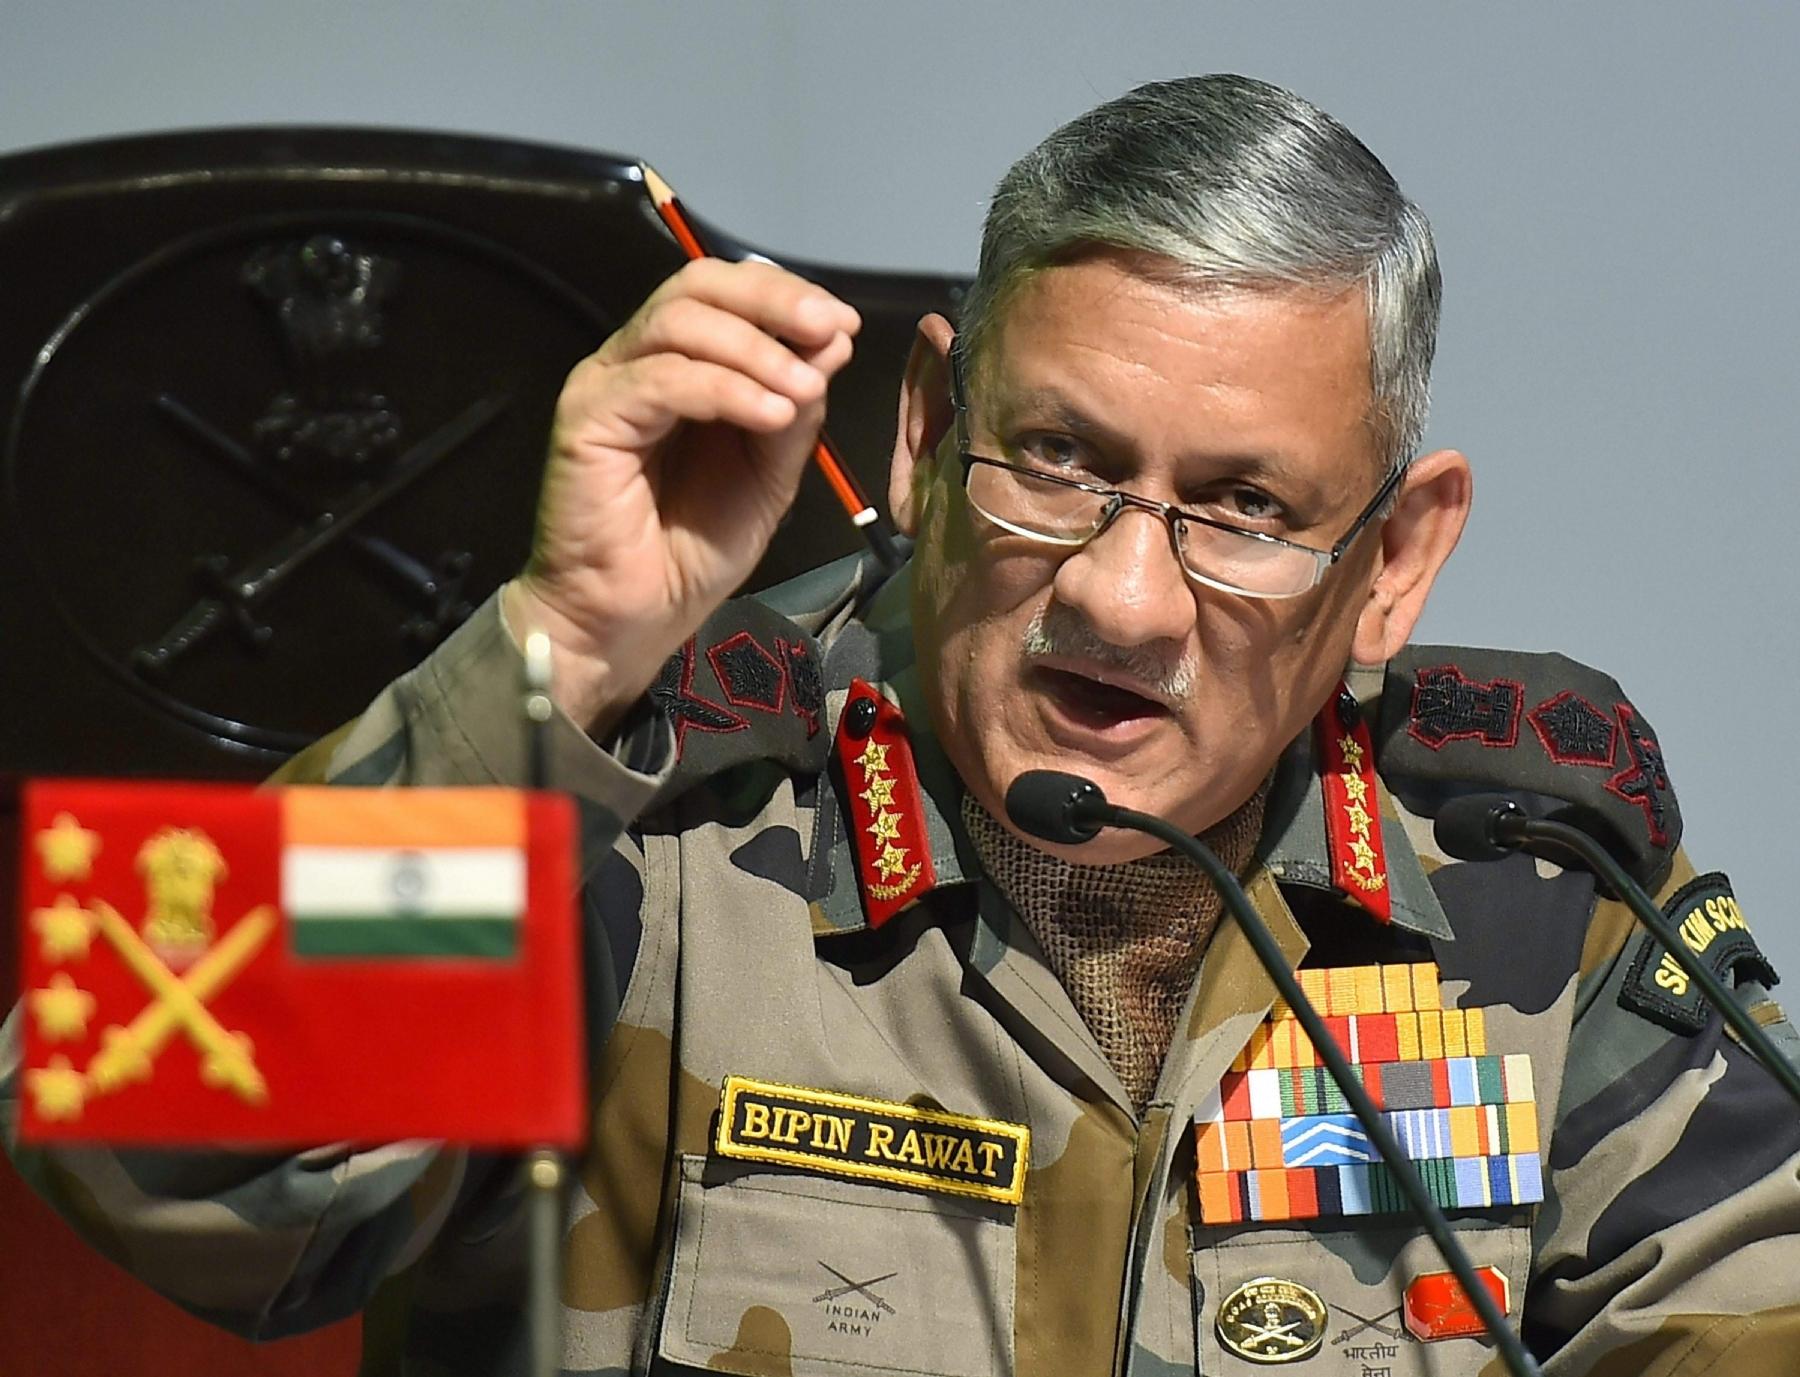 आतंकवाद नहीं रुकने तक जारी रहेगी भारत की कार्यवाही :- भारतीय सेना प्रमुख जनरल विपिन रावत